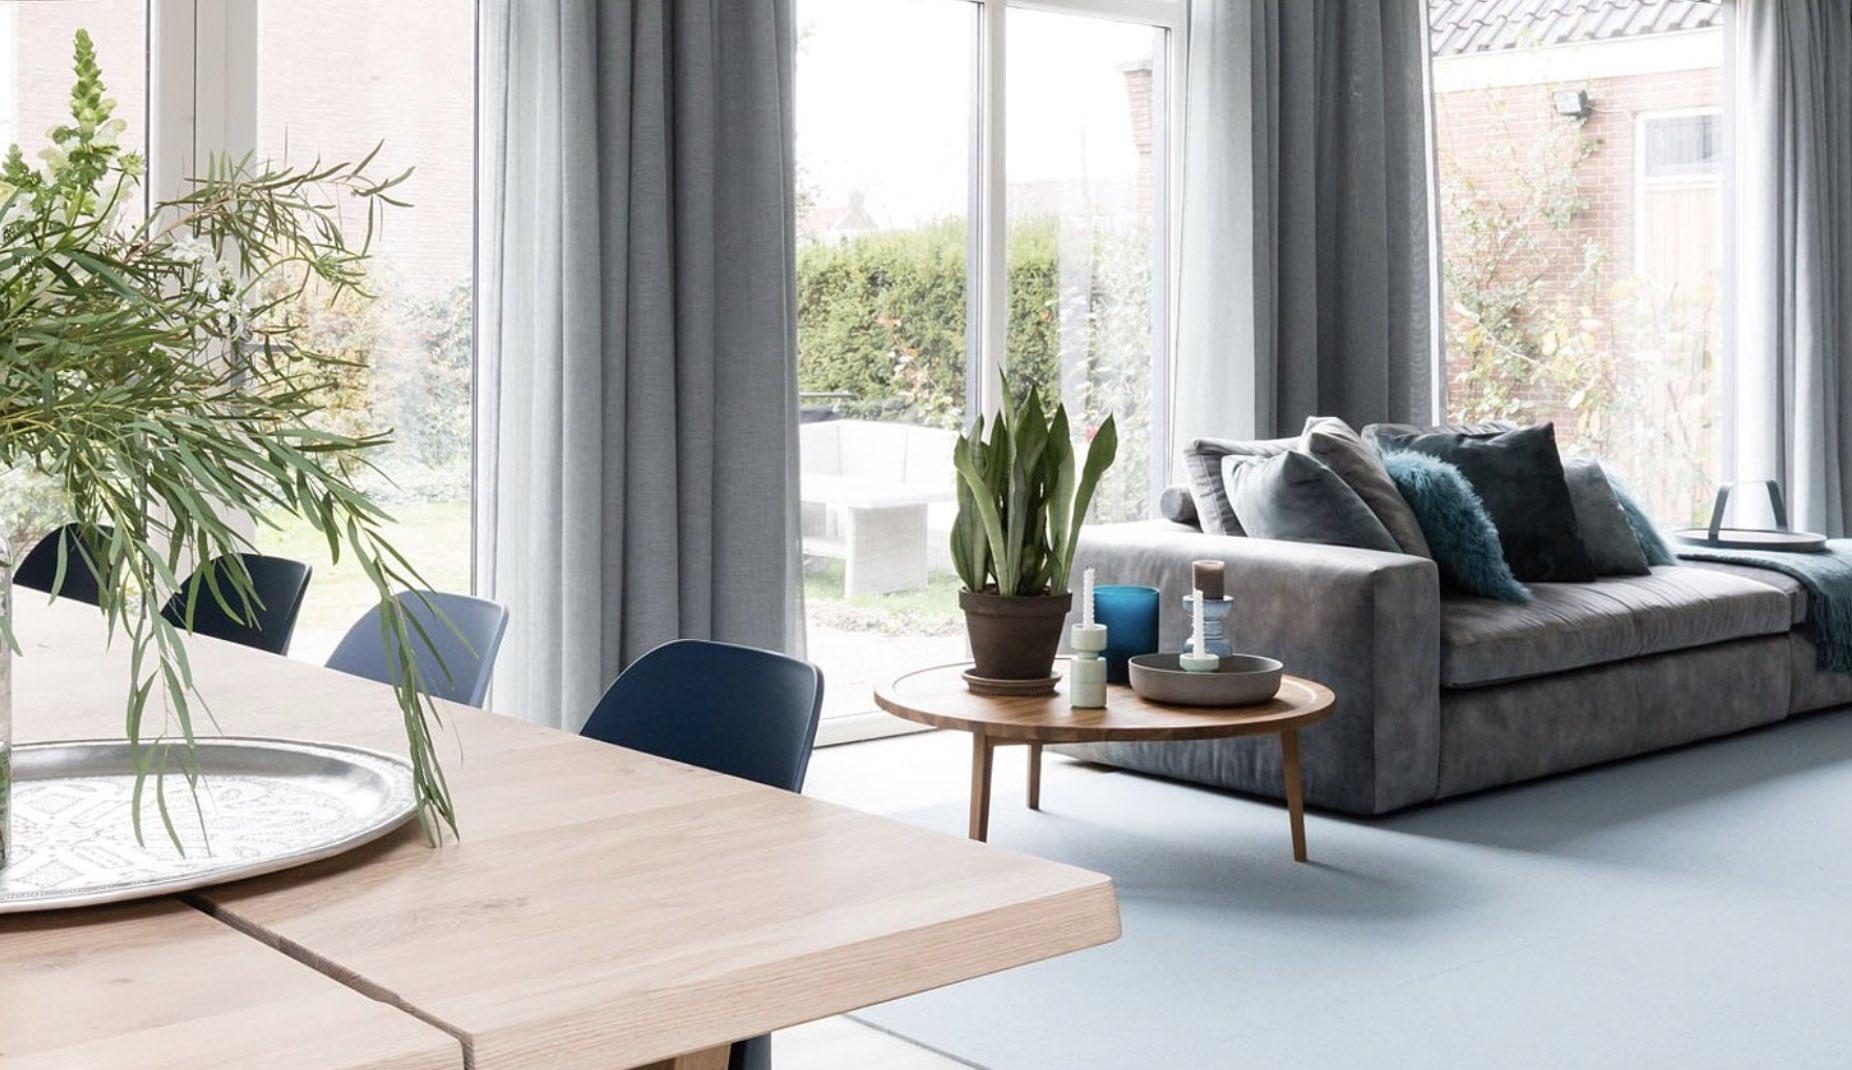 Tretford - Carpet - Modern Interieur